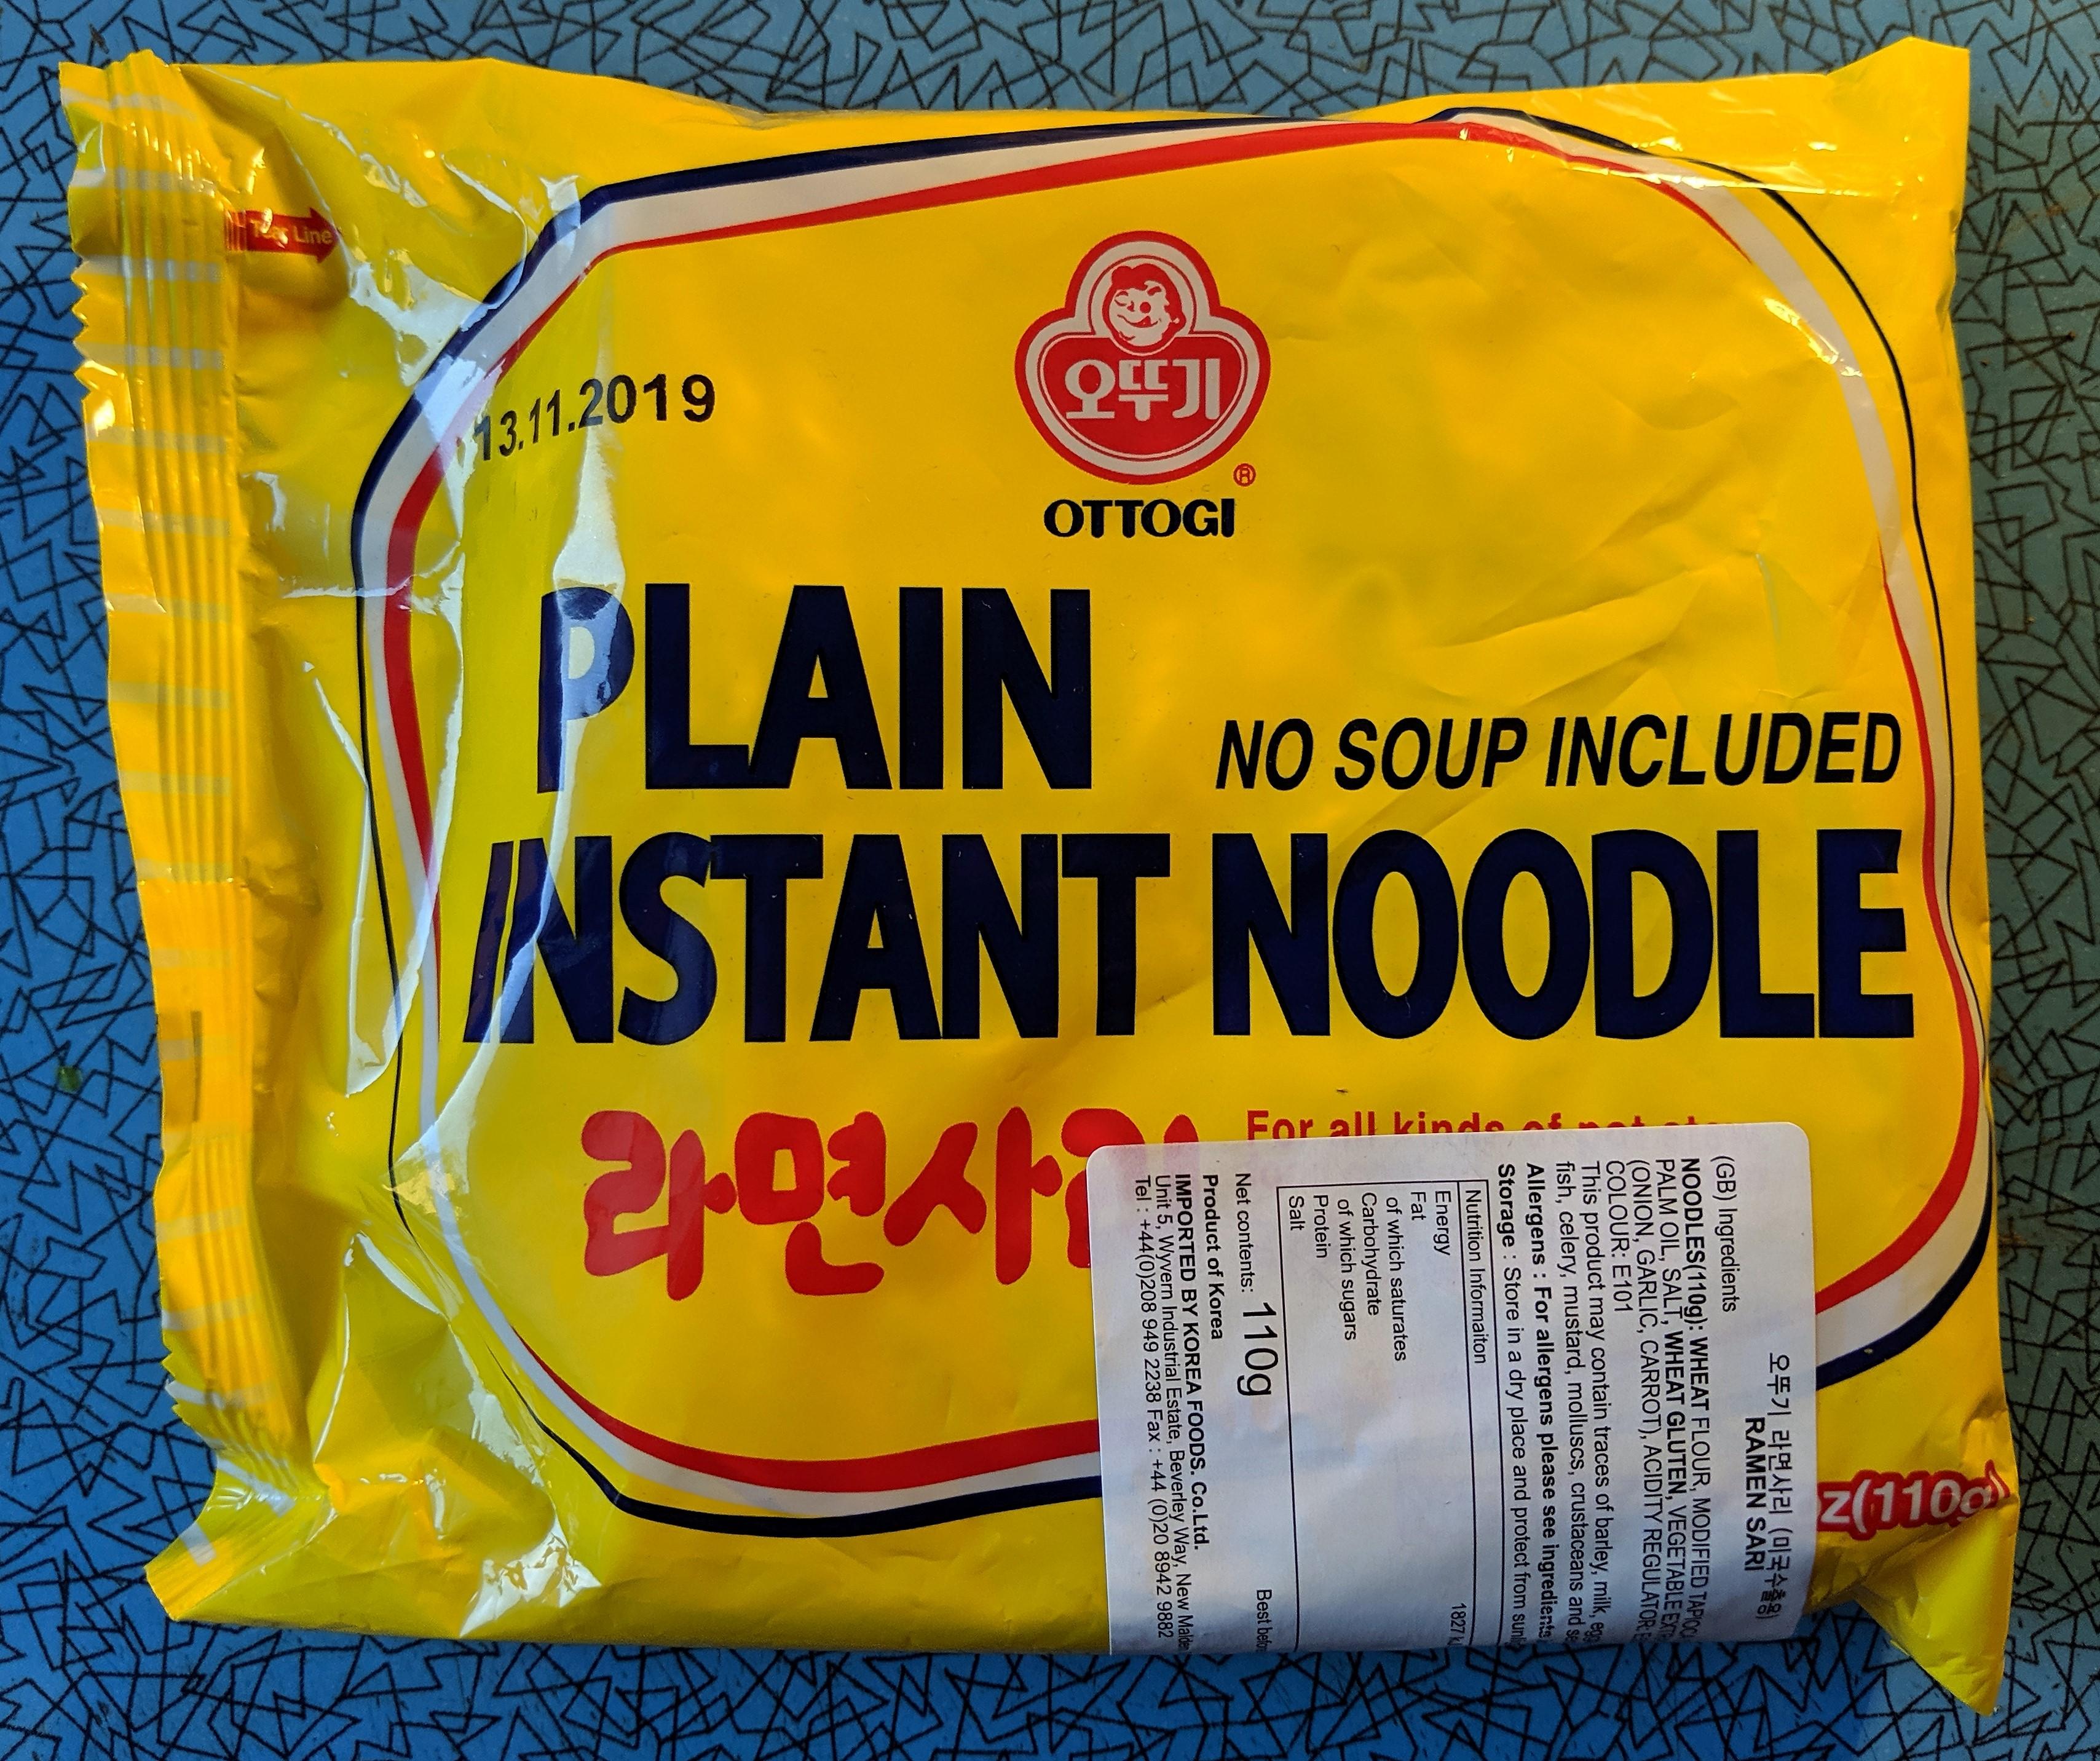 Plainest Noodles